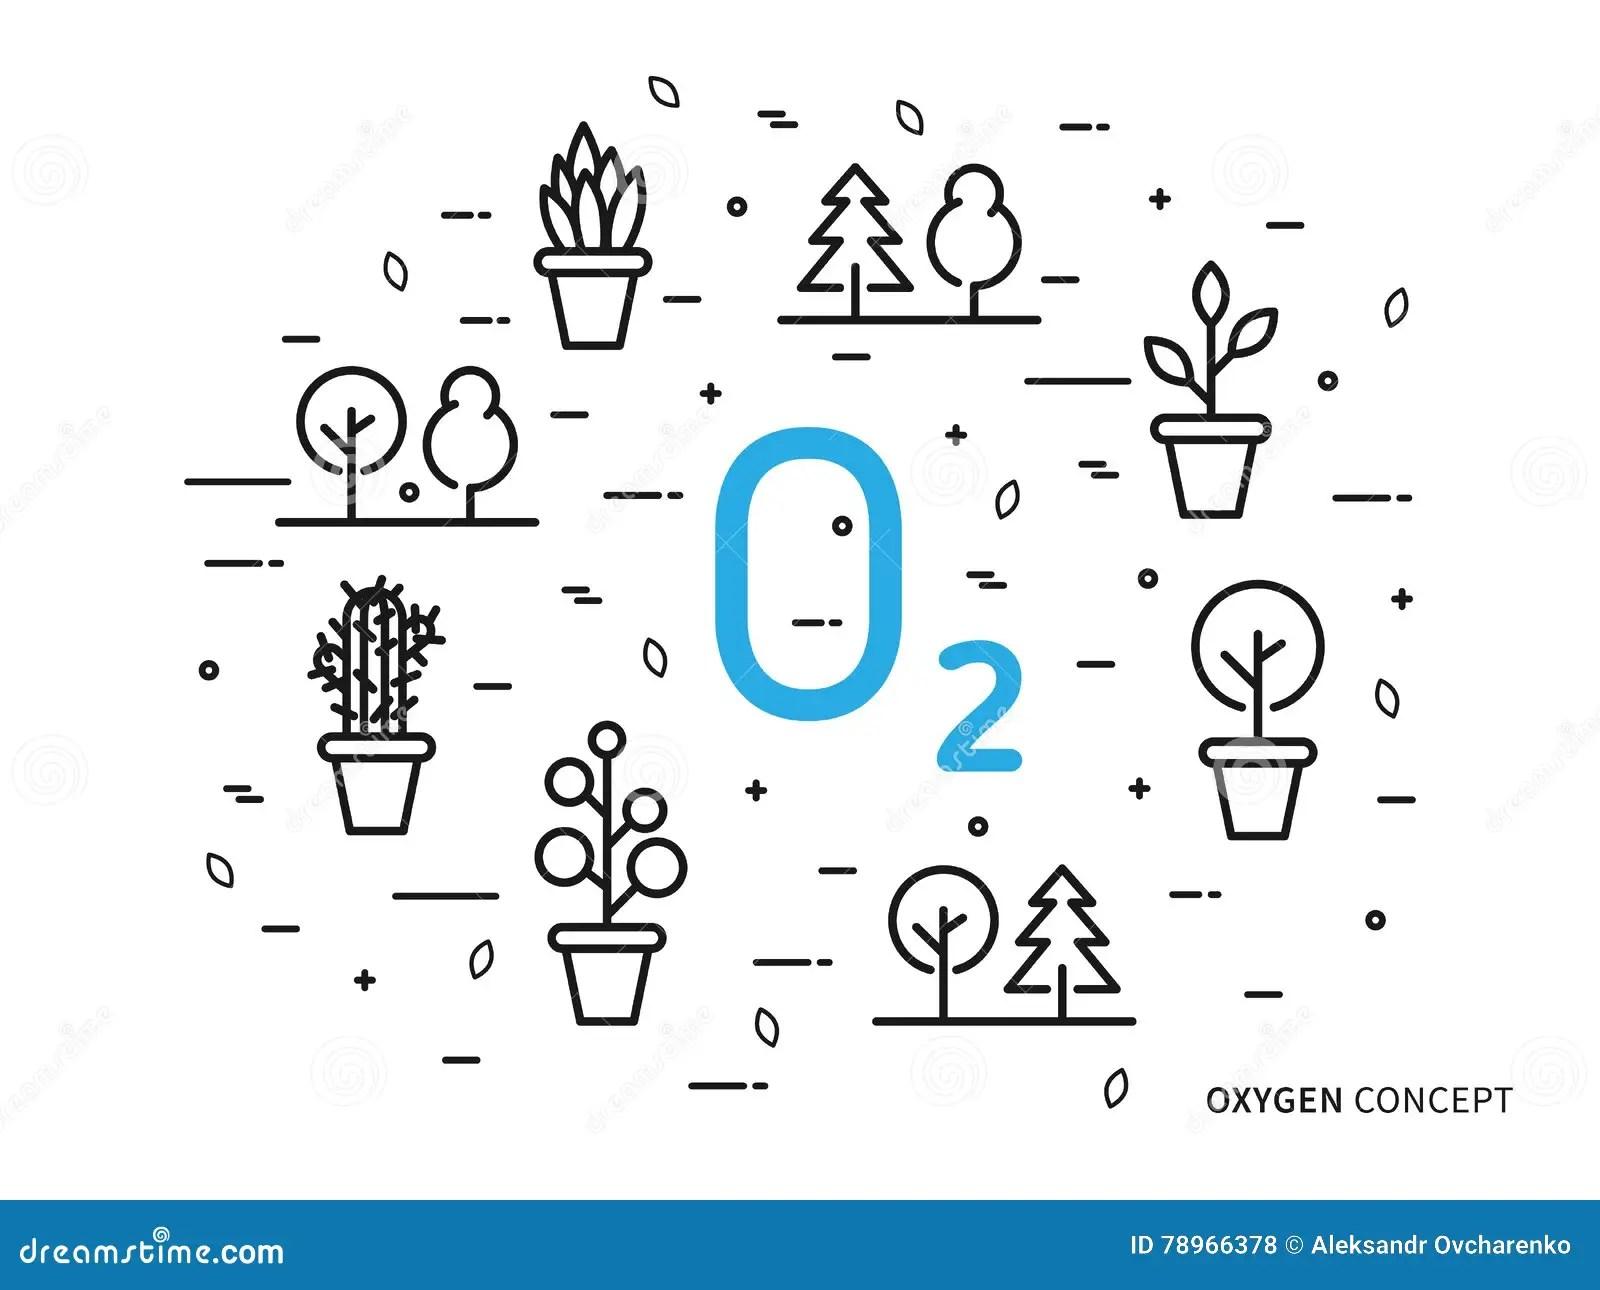 O2 Bond